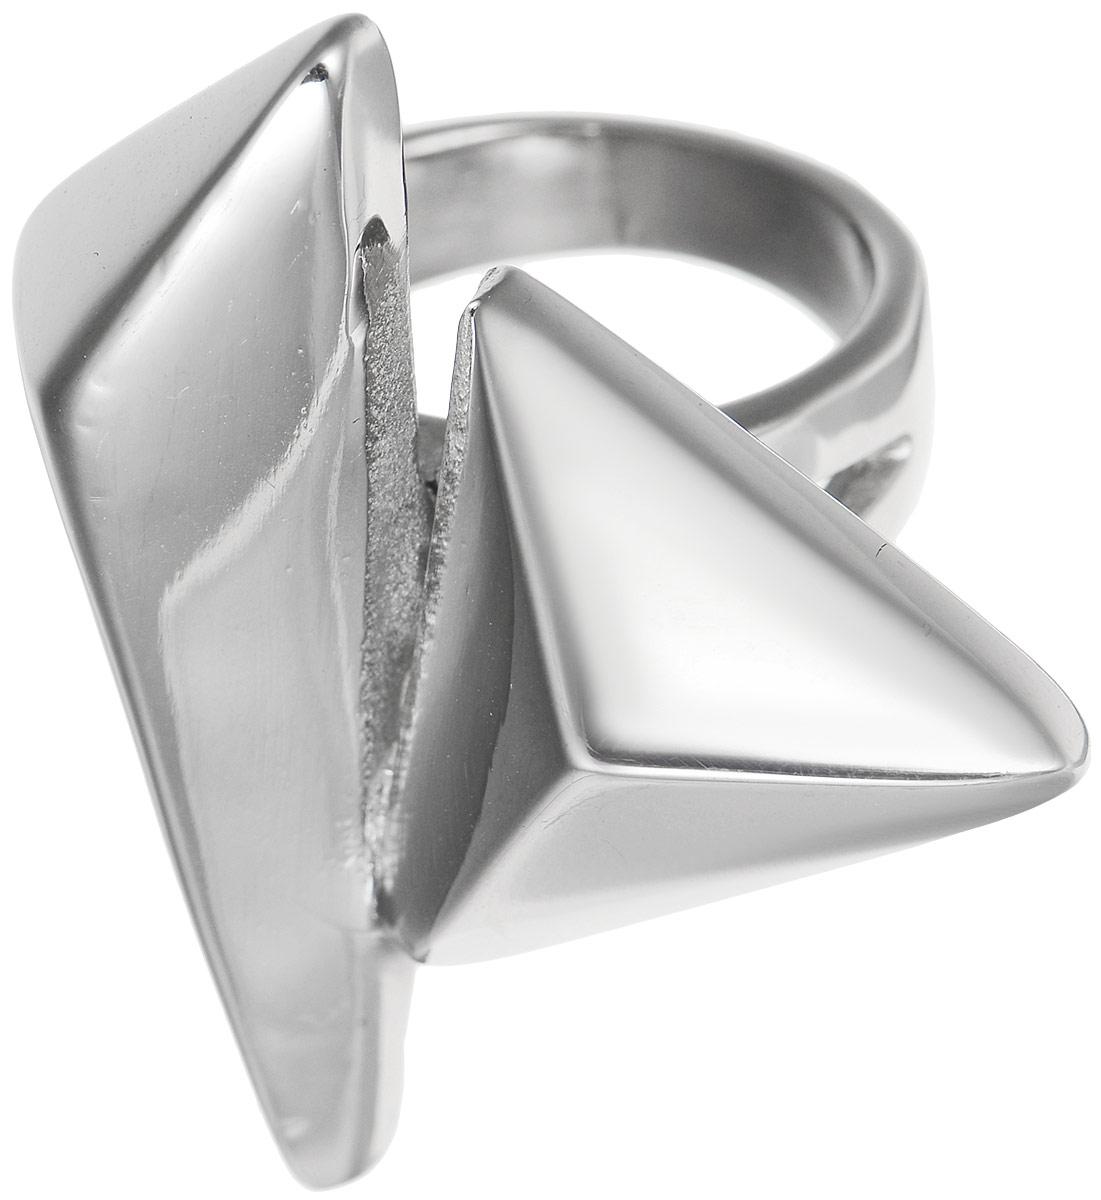 Кольцо Polina Selezneva, цвет: серебристый. DG-0013. Размер 20Коктейльное кольцоСтильное кольцо Polina Selezneva изготовлено из качественного металлического сплава. Декоративная часть выполнена в оригинальной форме.